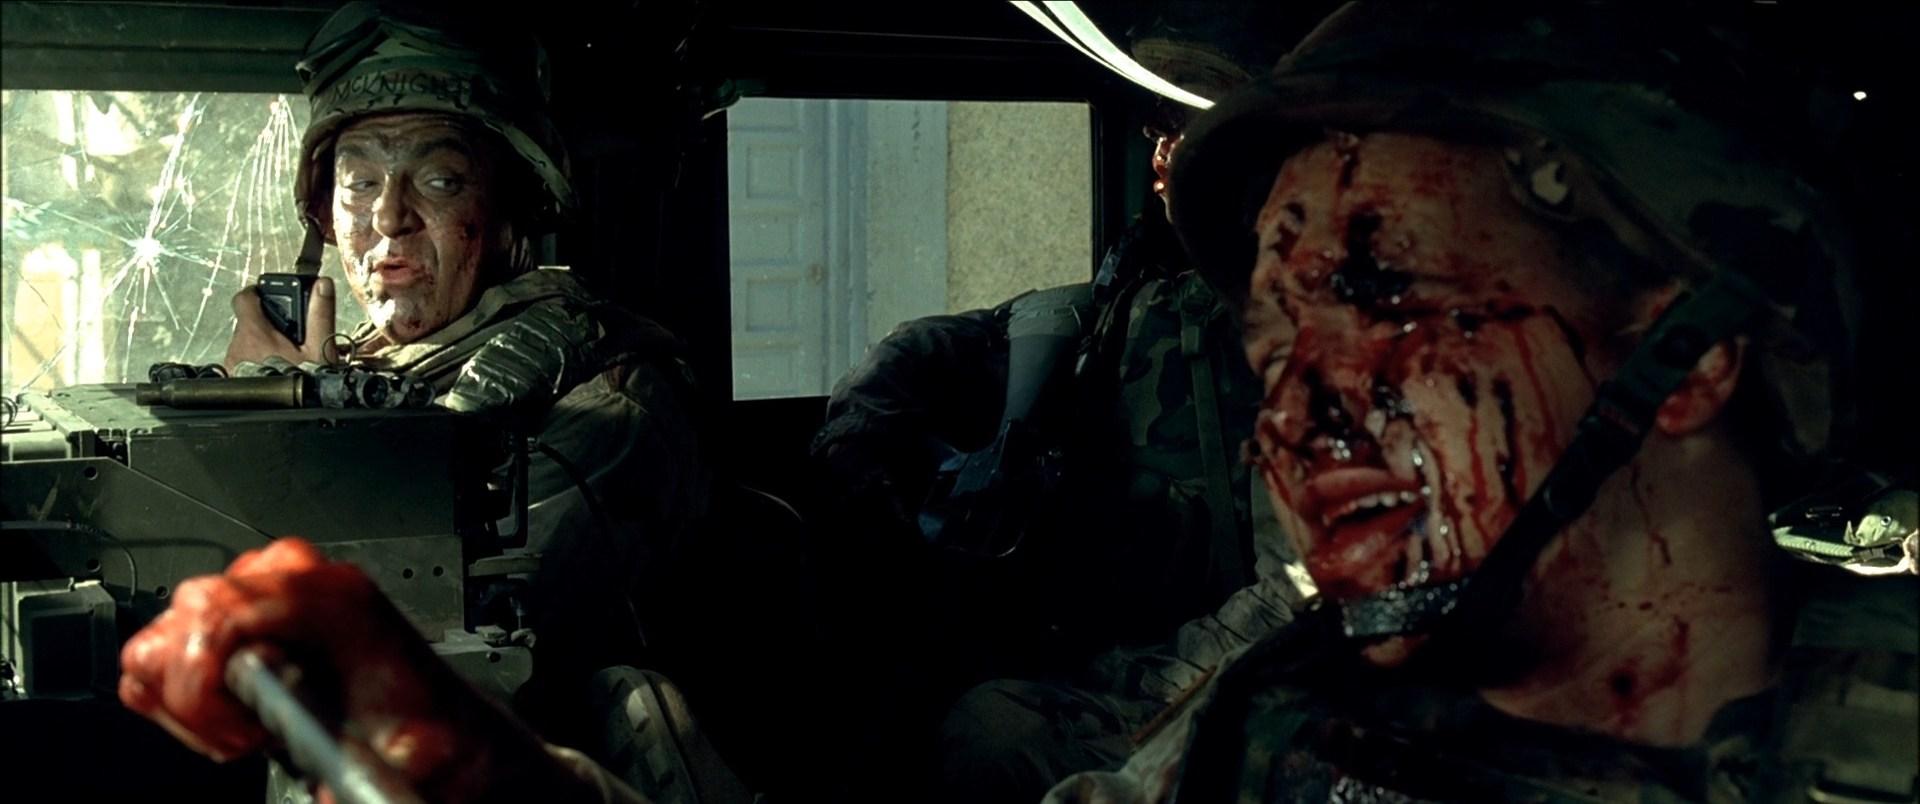 Картинки из фильма падение черного ястреба 3